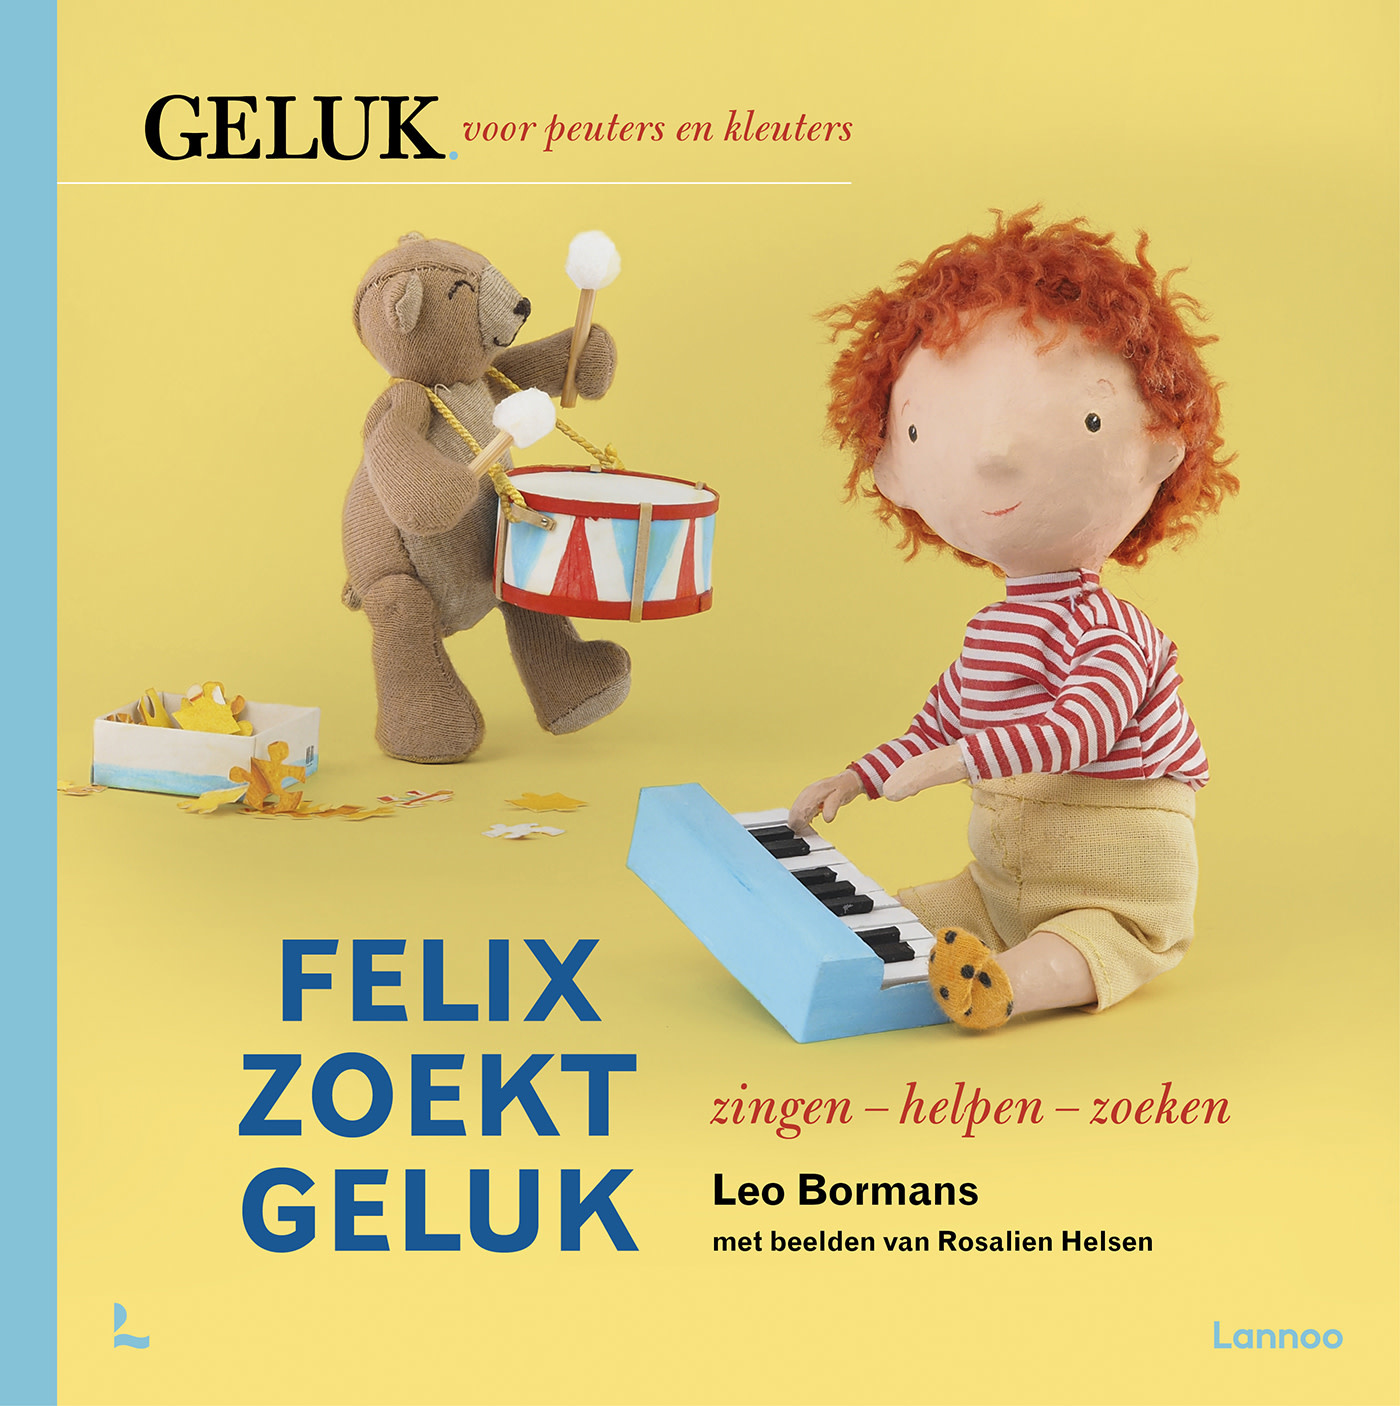 Lannoo Uitgeverij Felix zoekt geluk - zingen, helpen, zoeken